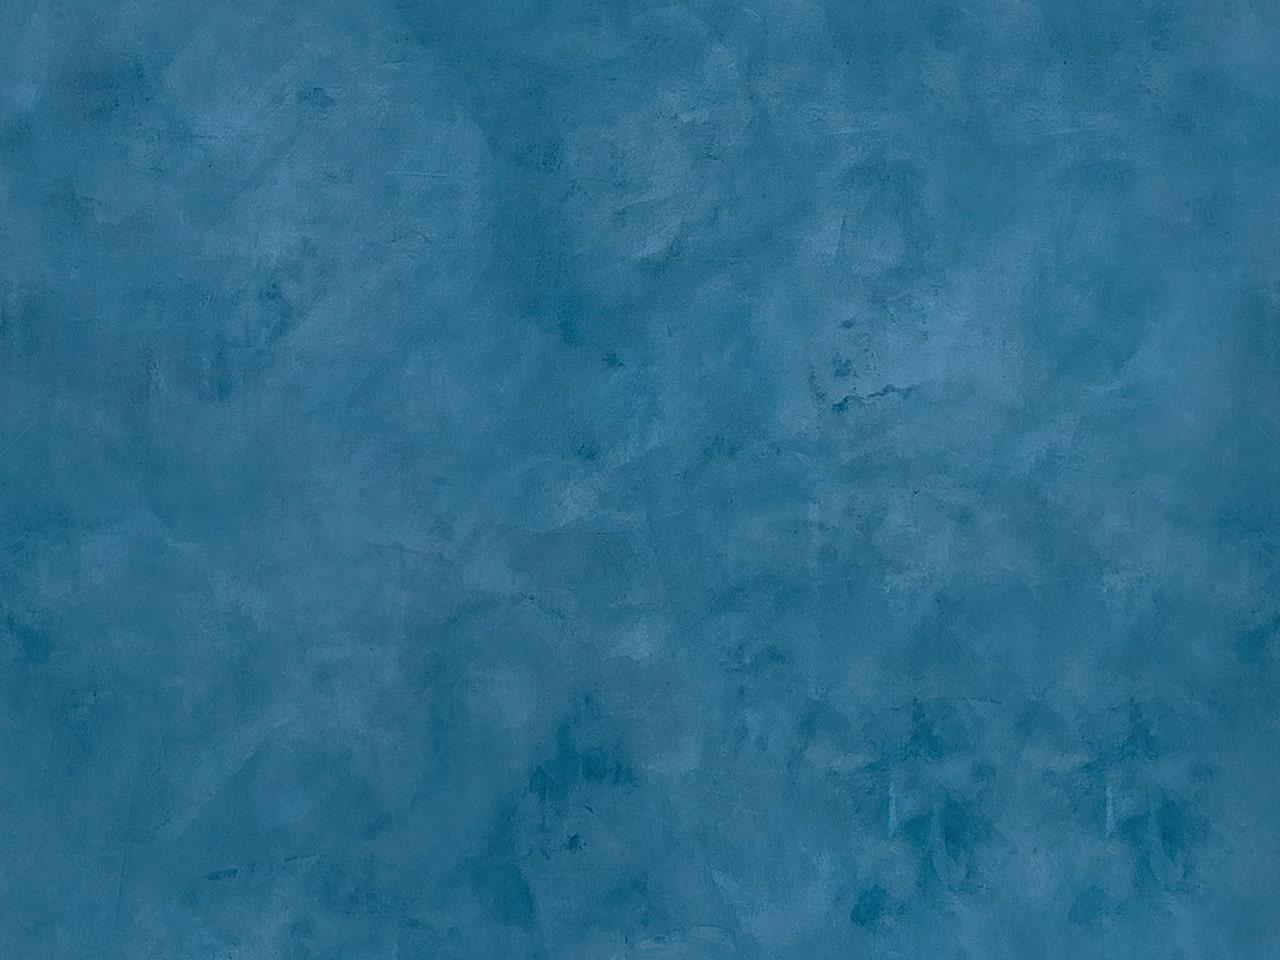 sơn giả bê tông rain aw21c - raw21c